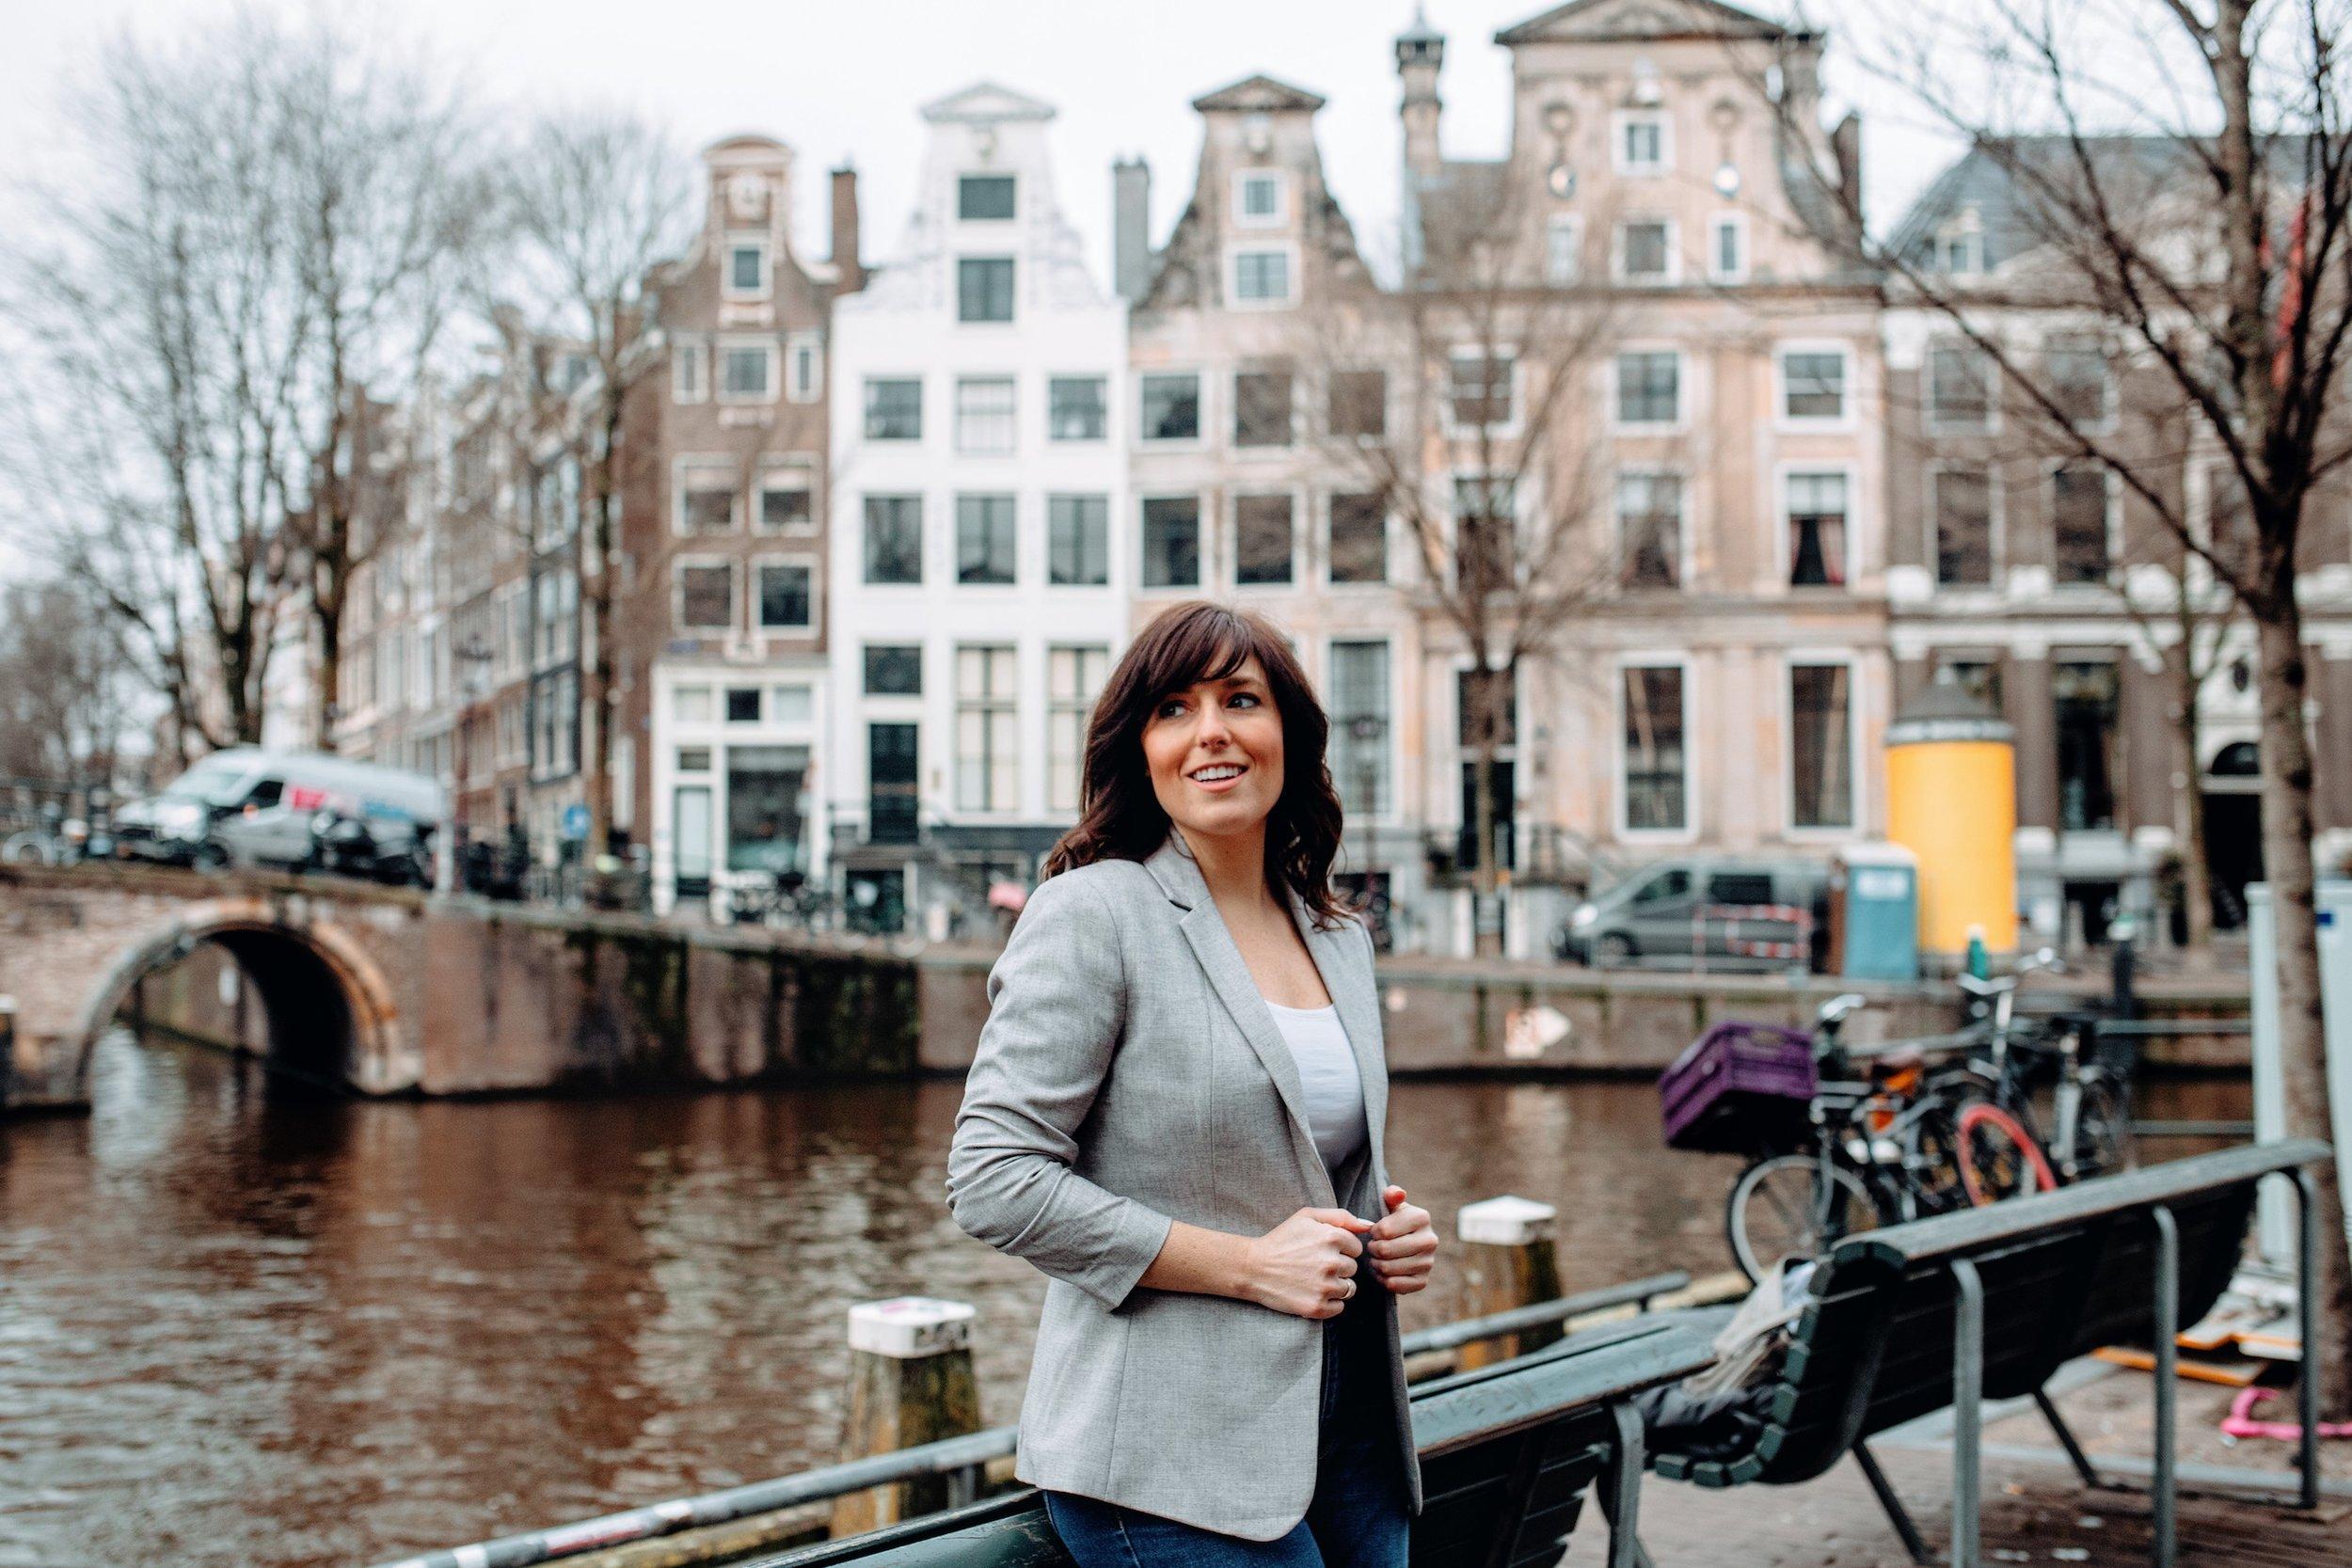 BrookeAmsterdam1.jpg